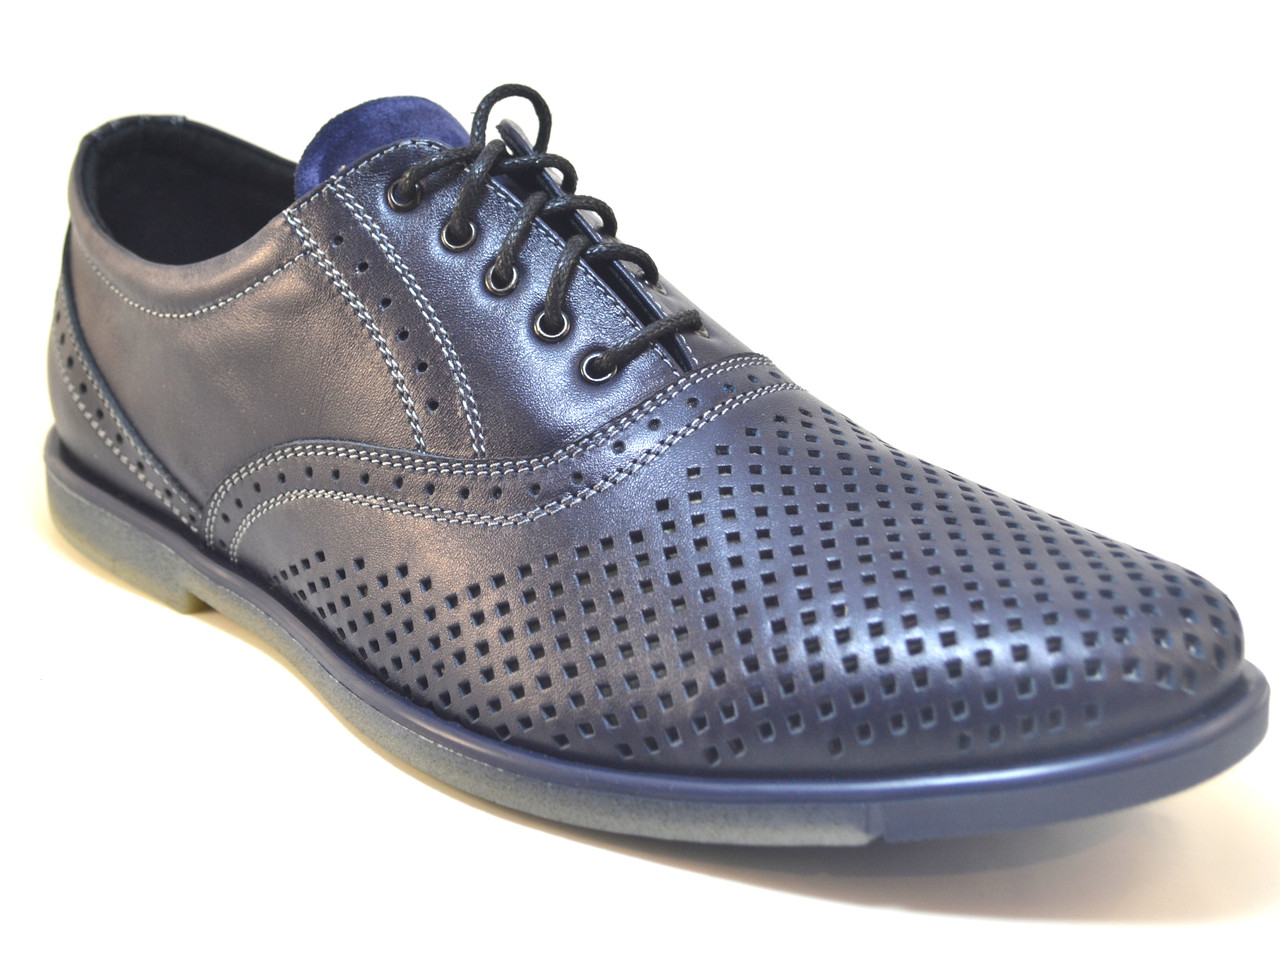 Летние туфли мужские кожаные синие с перфорацией Rosso Avangard Romano pelle traforata nera